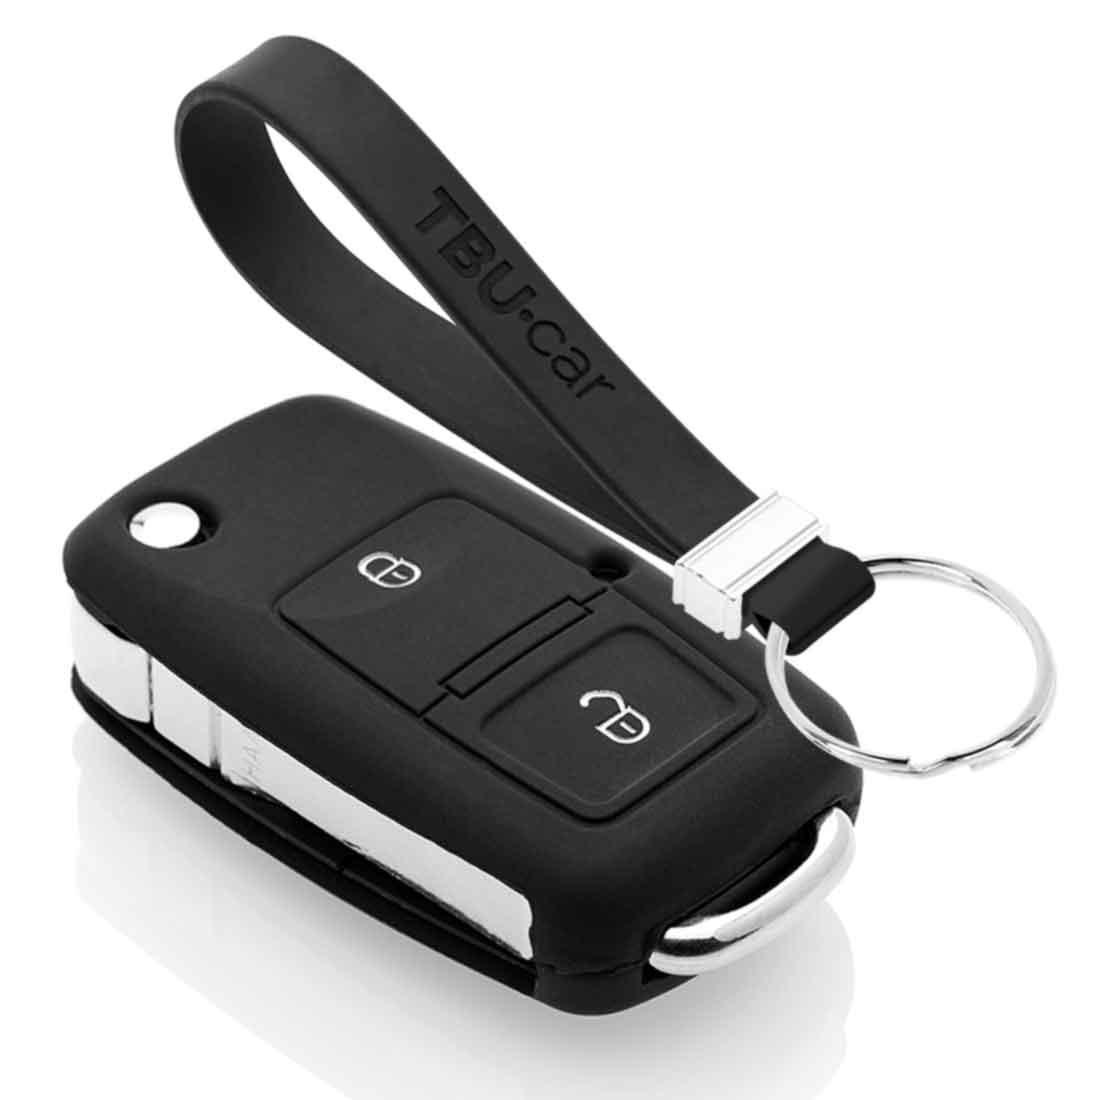 TBU car TBU car Sleutel cover compatibel met VW - Silicone sleutelhoesje - beschermhoesje autosleutel - Zwart